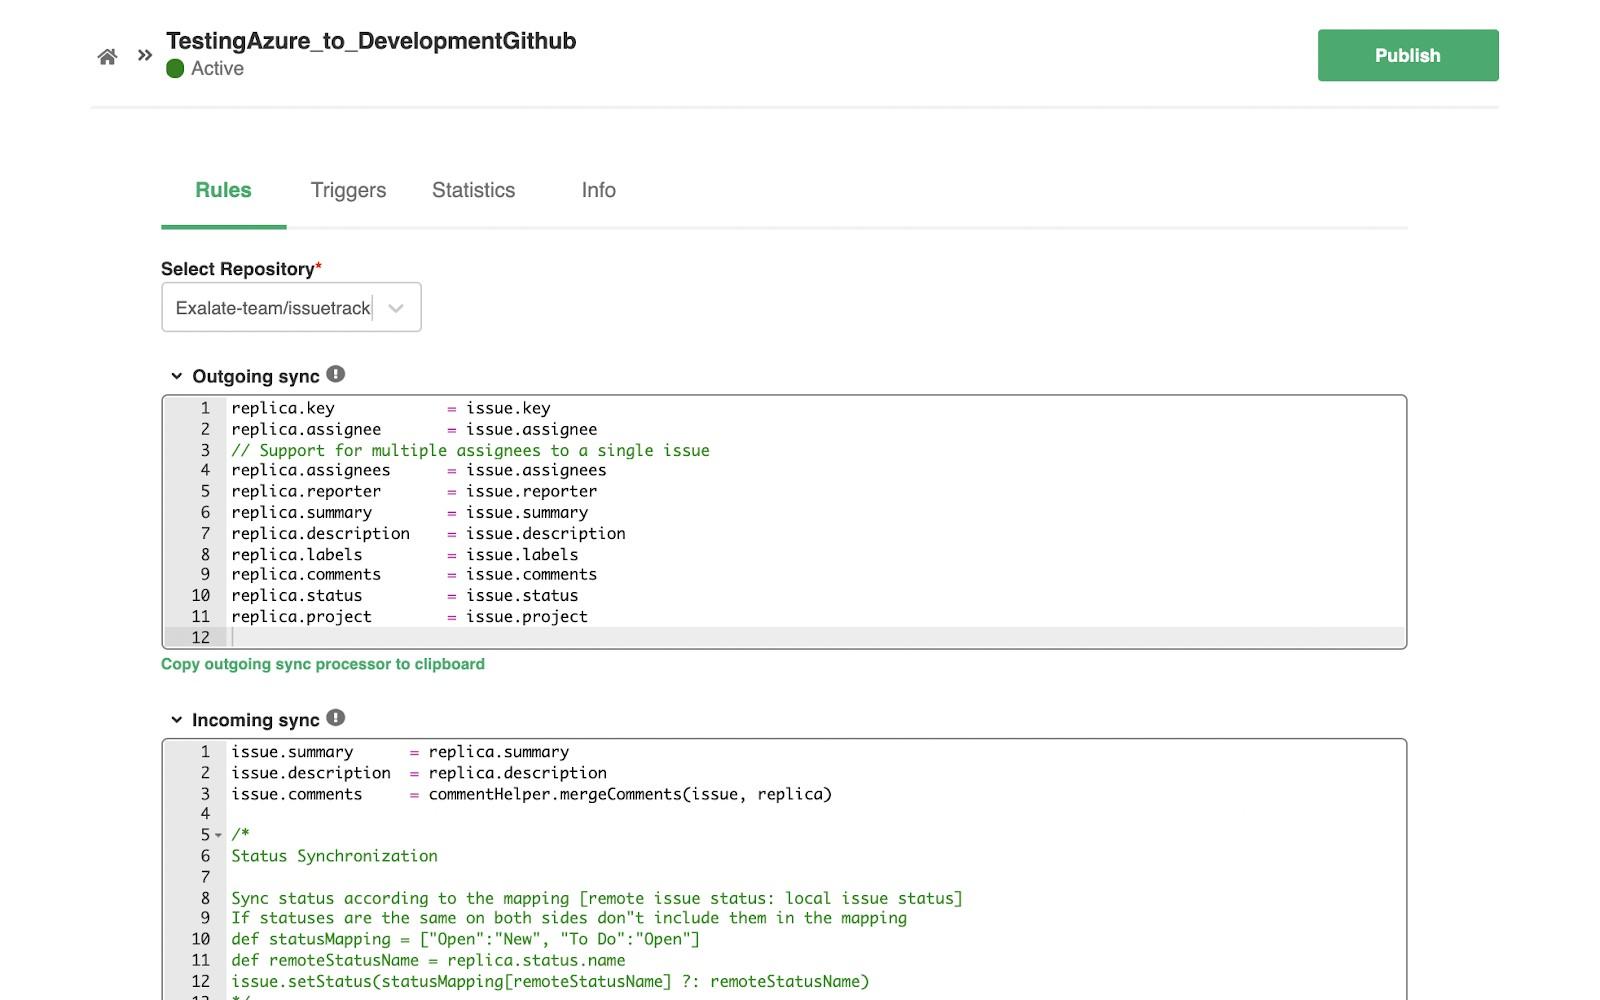 azure devops GitHub sync rules